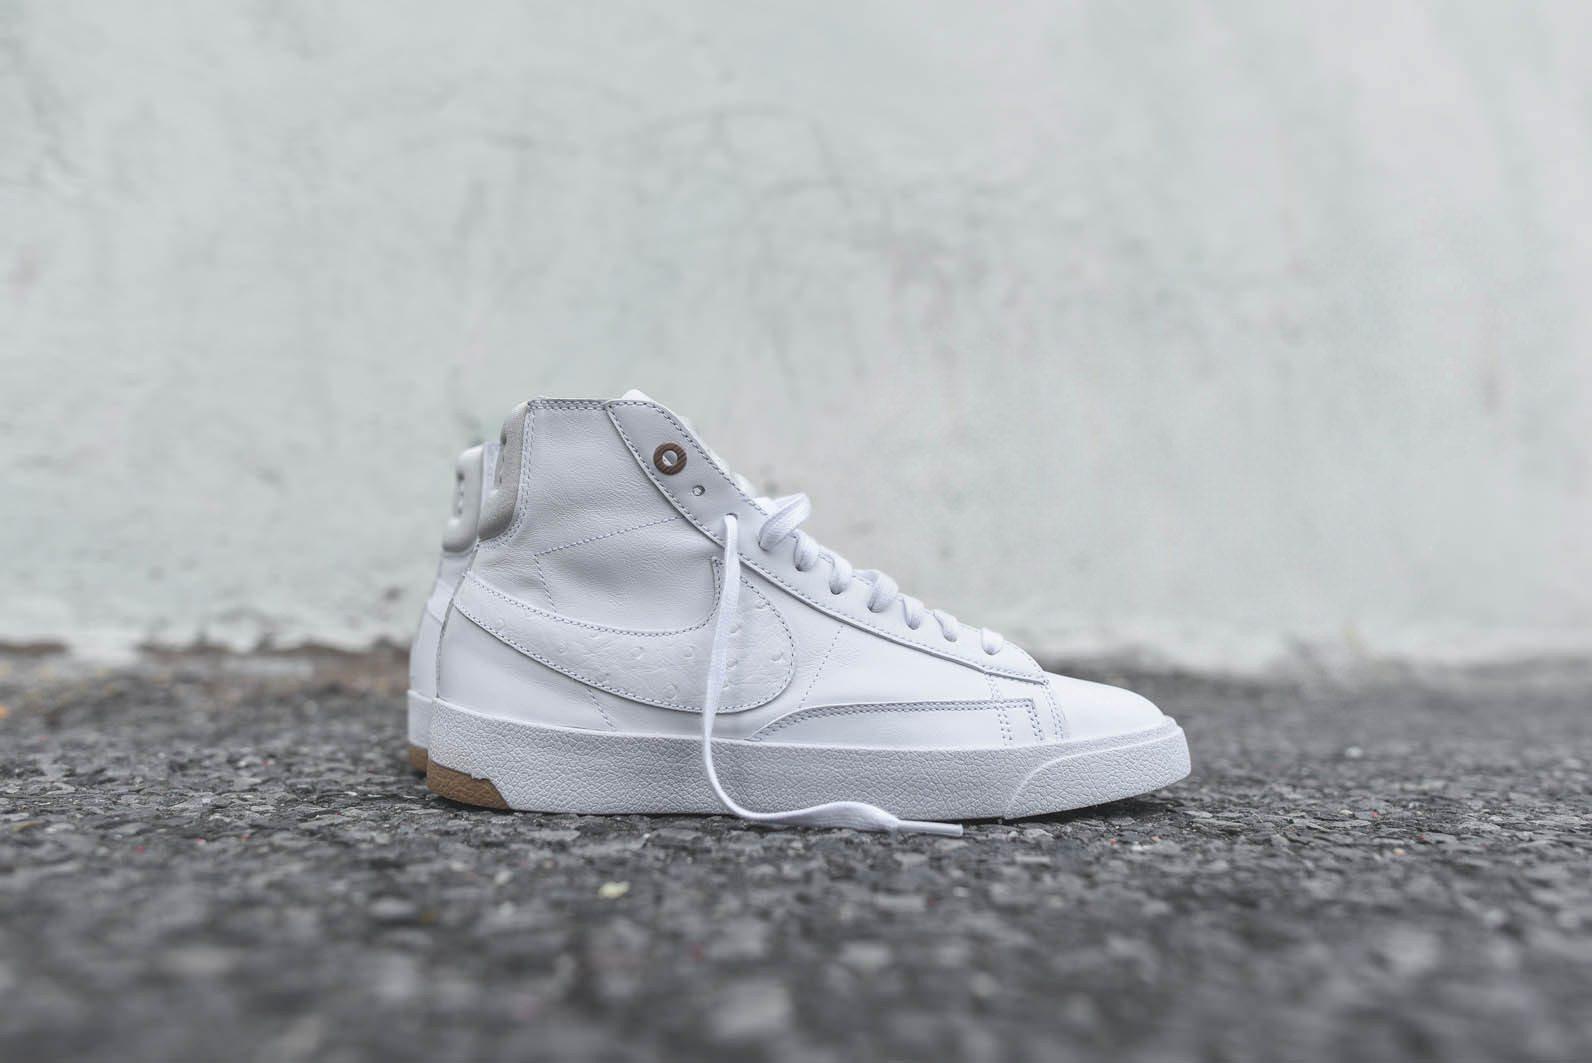 Nike Sportswear White Gum Pack 4